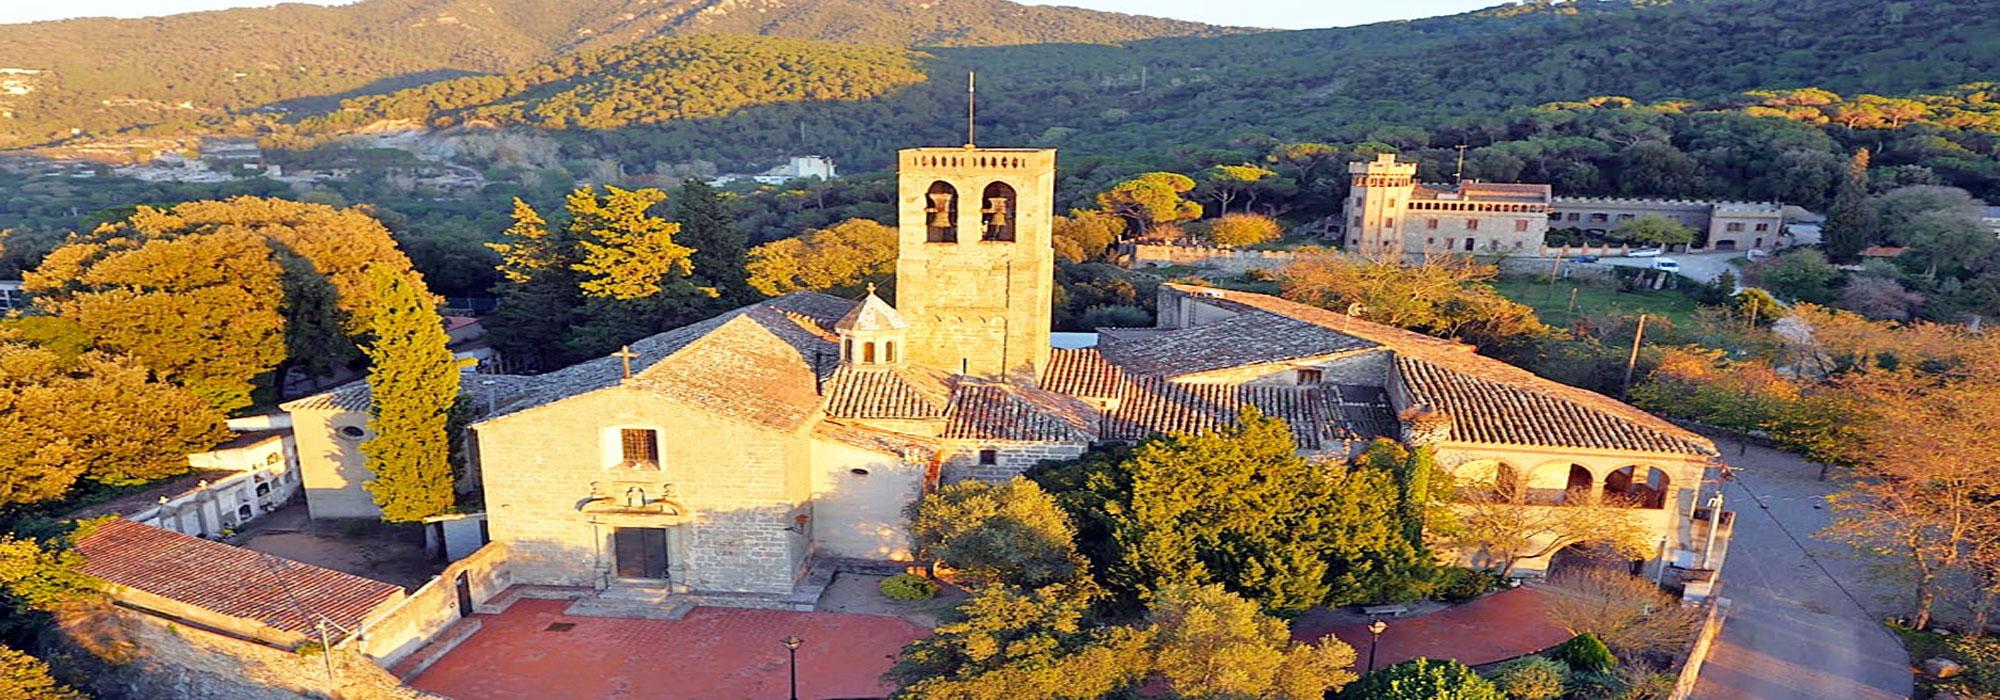 Casa en Alquiler – Vilanova del Vallès